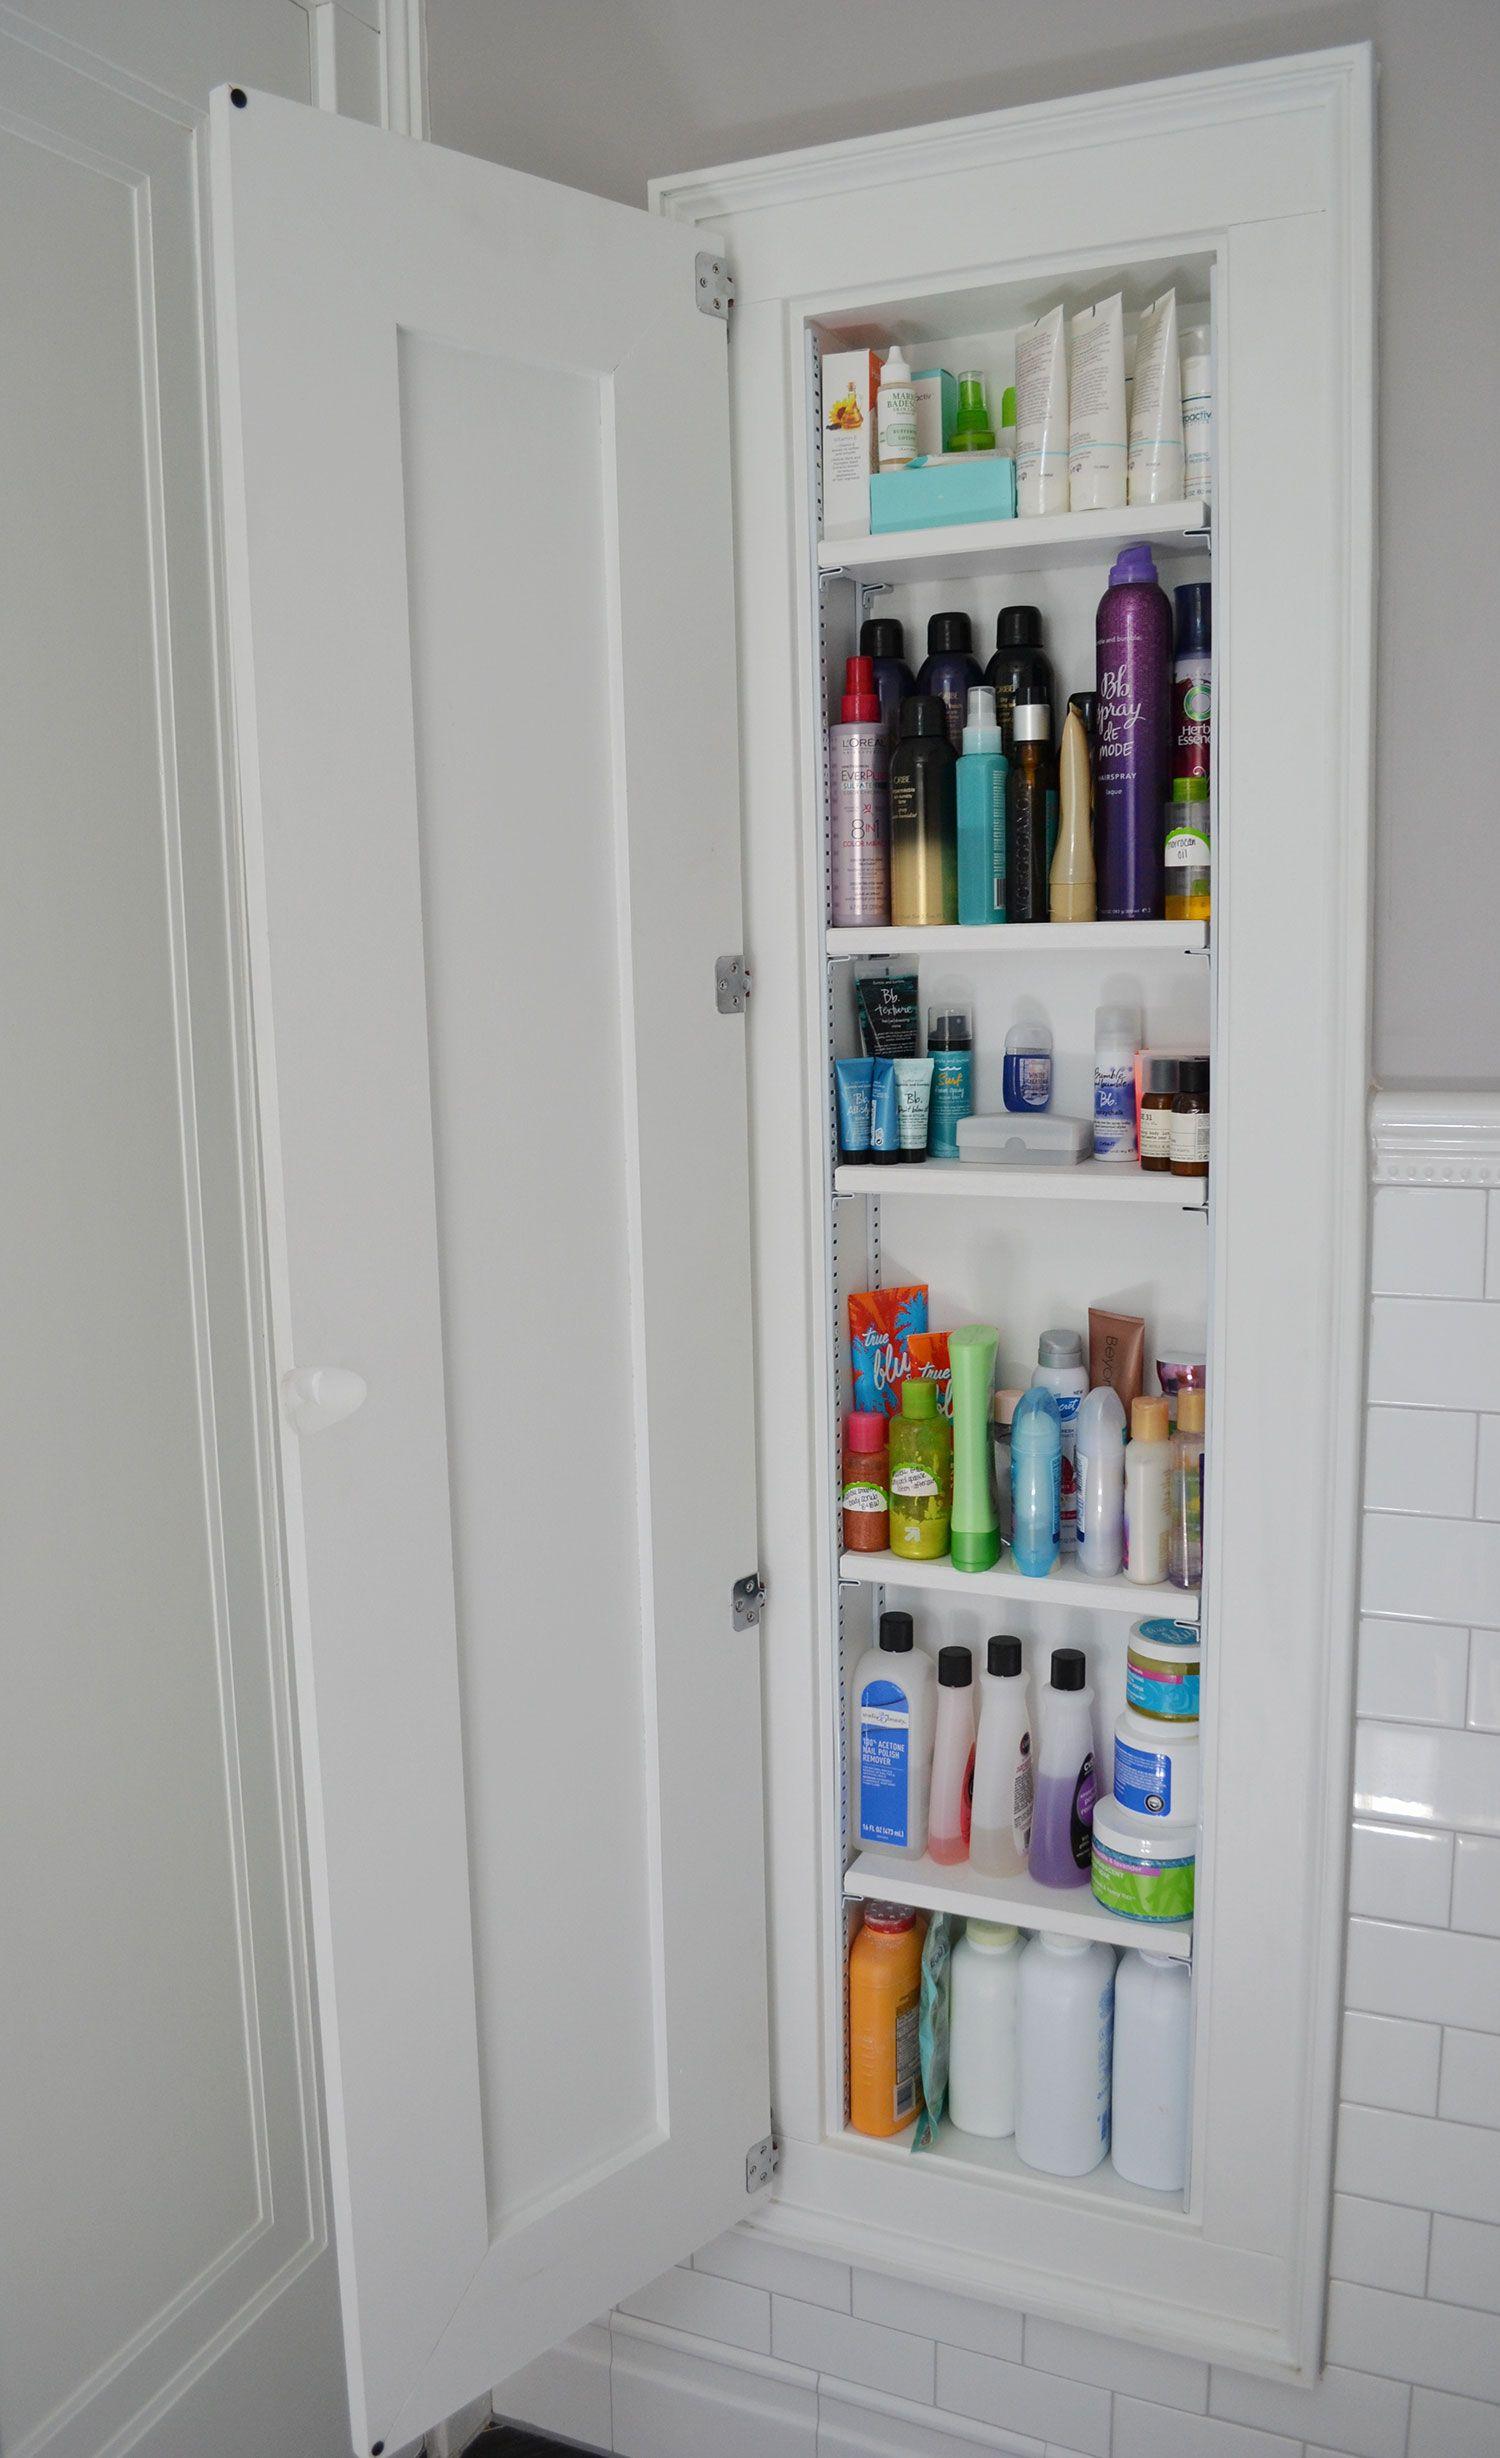 1930s Bathroom Remodel u2013 Reveal 1930s Bathroom